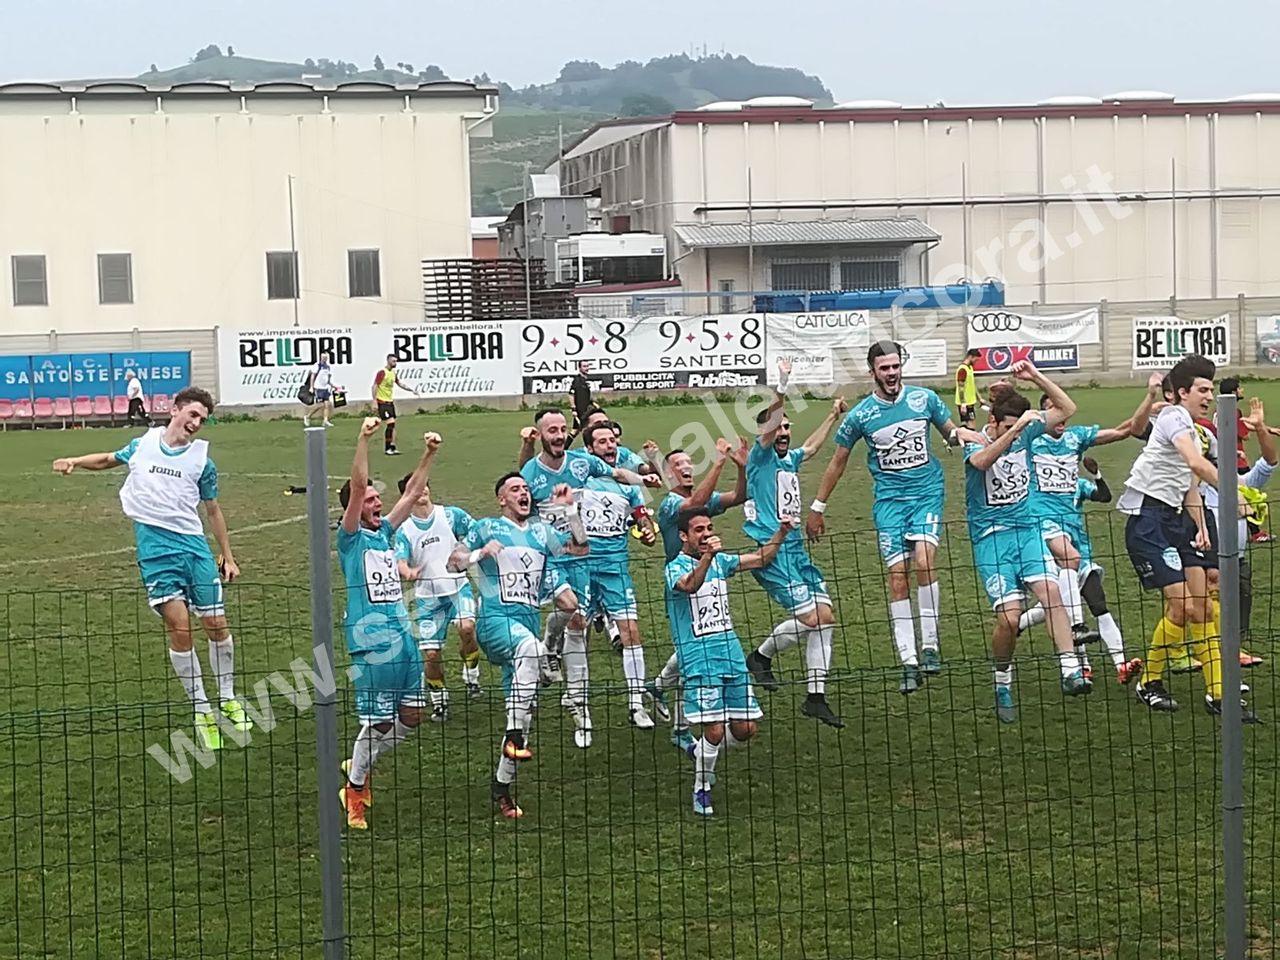 calcio Santostefanese-CBS Torino (Gallery)